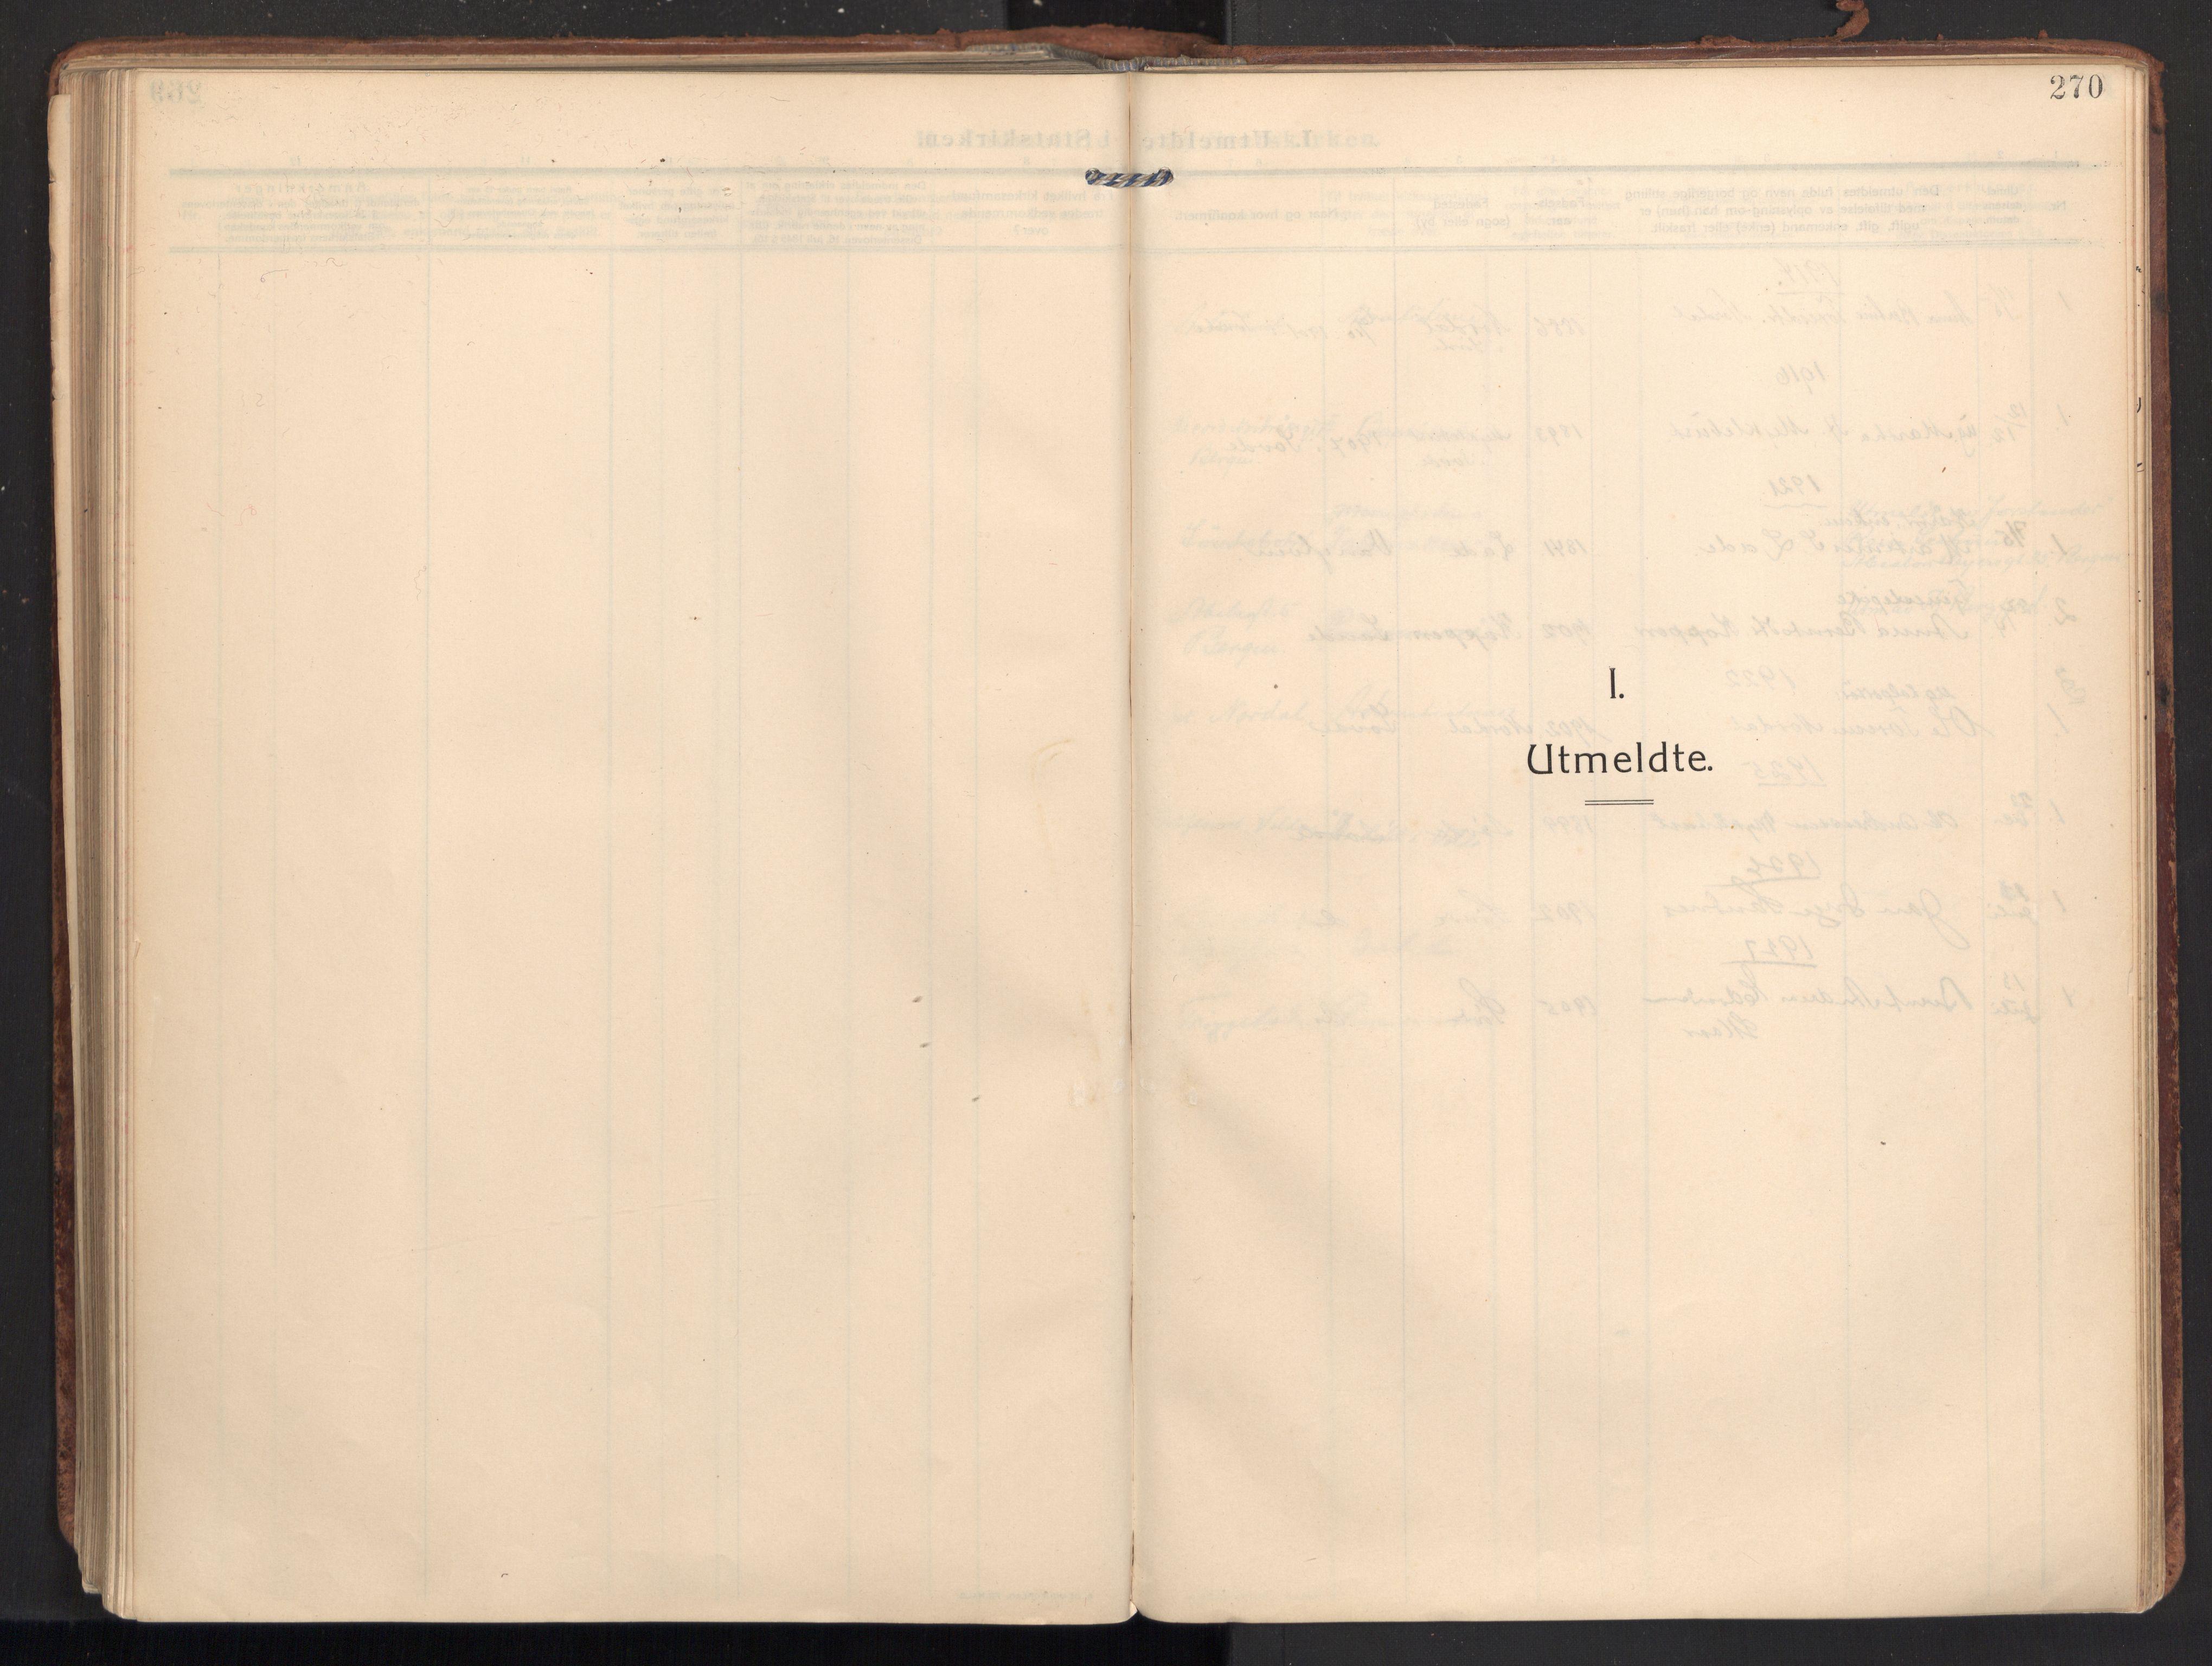 SAT, Ministerialprotokoller, klokkerbøker og fødselsregistre - Møre og Romsdal, 502/L0026: Ministerialbok nr. 502A04, 1909-1933, s. 270